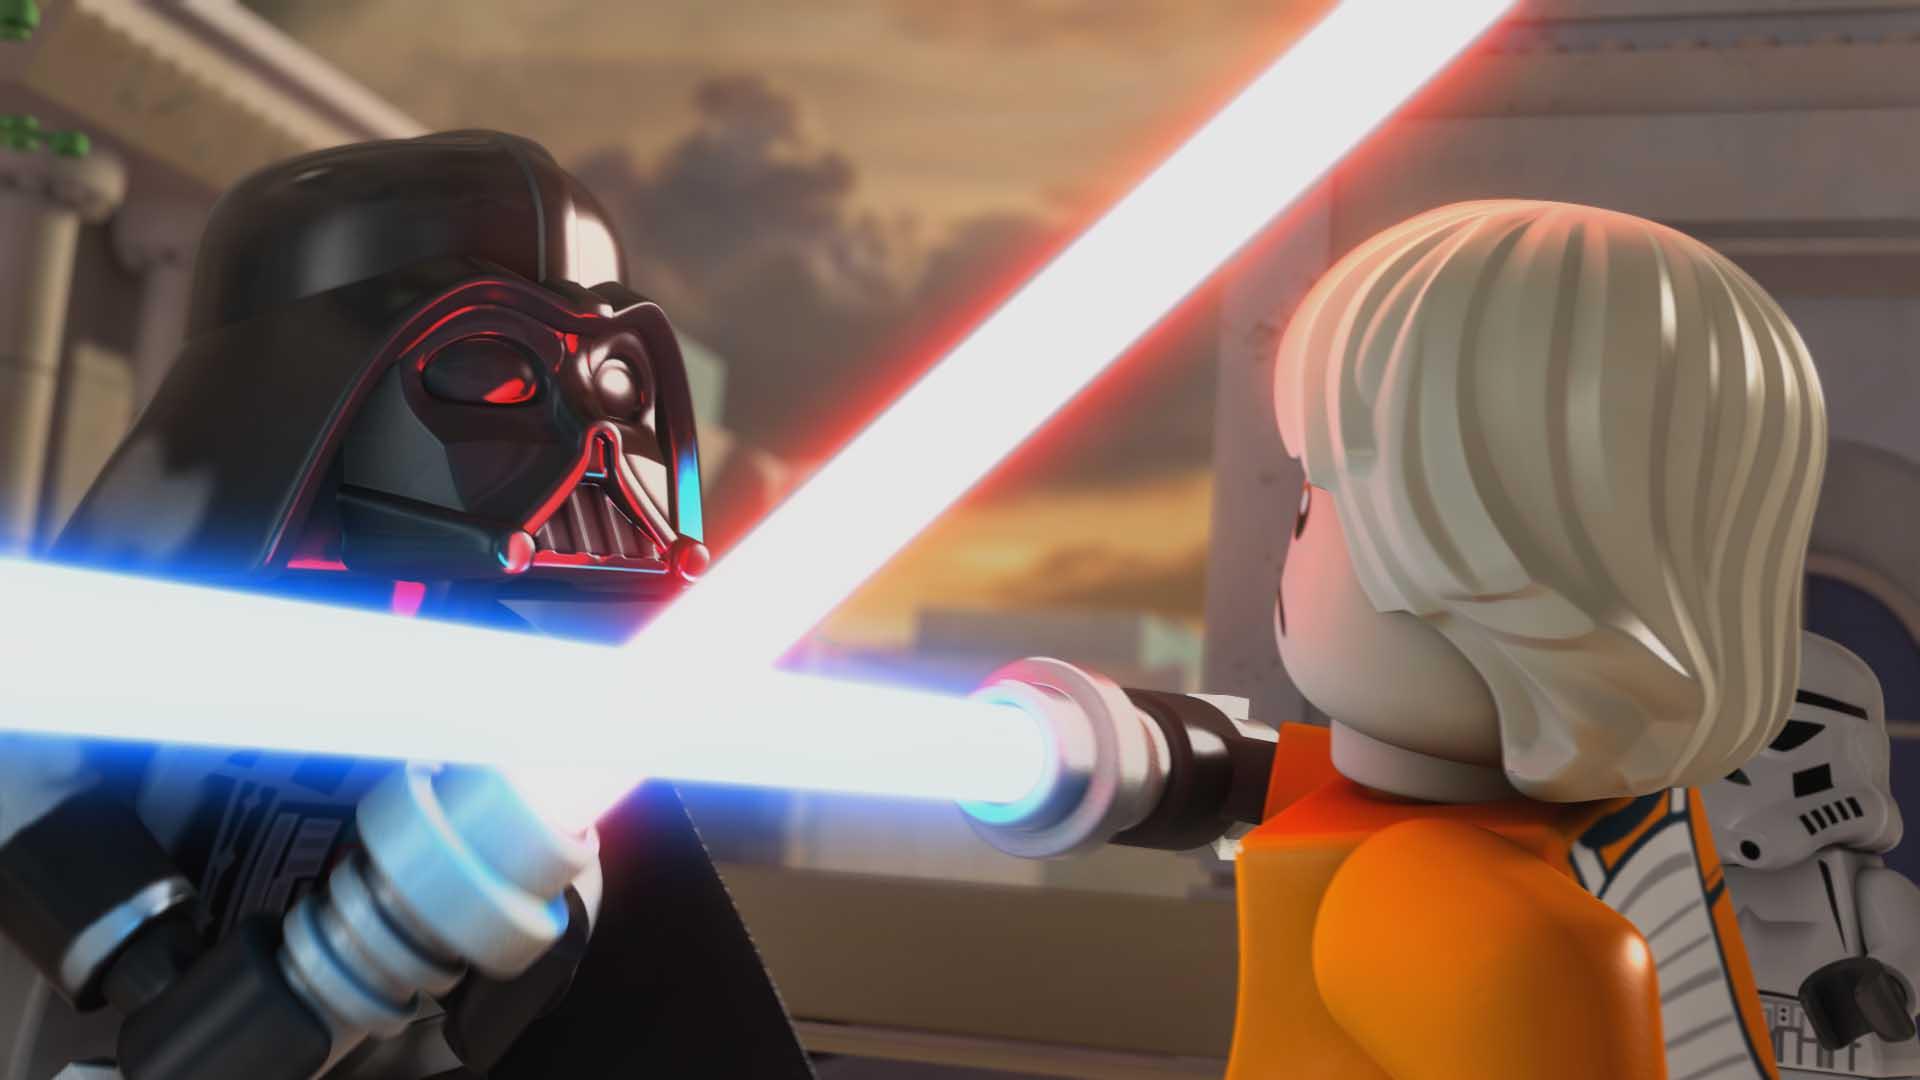 LEGO-Star-Wars-9.26